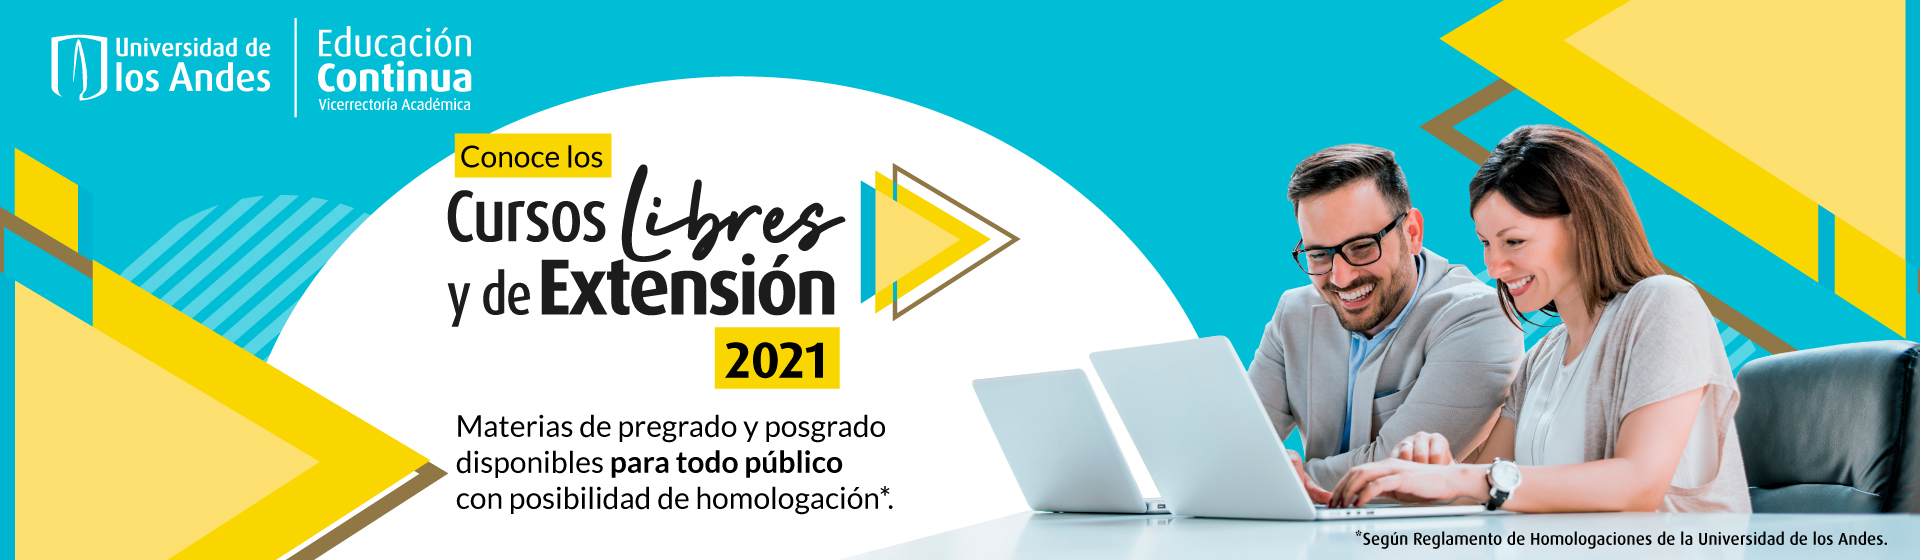 Conoce nuestros cursos Libres y de Extensión para 2021